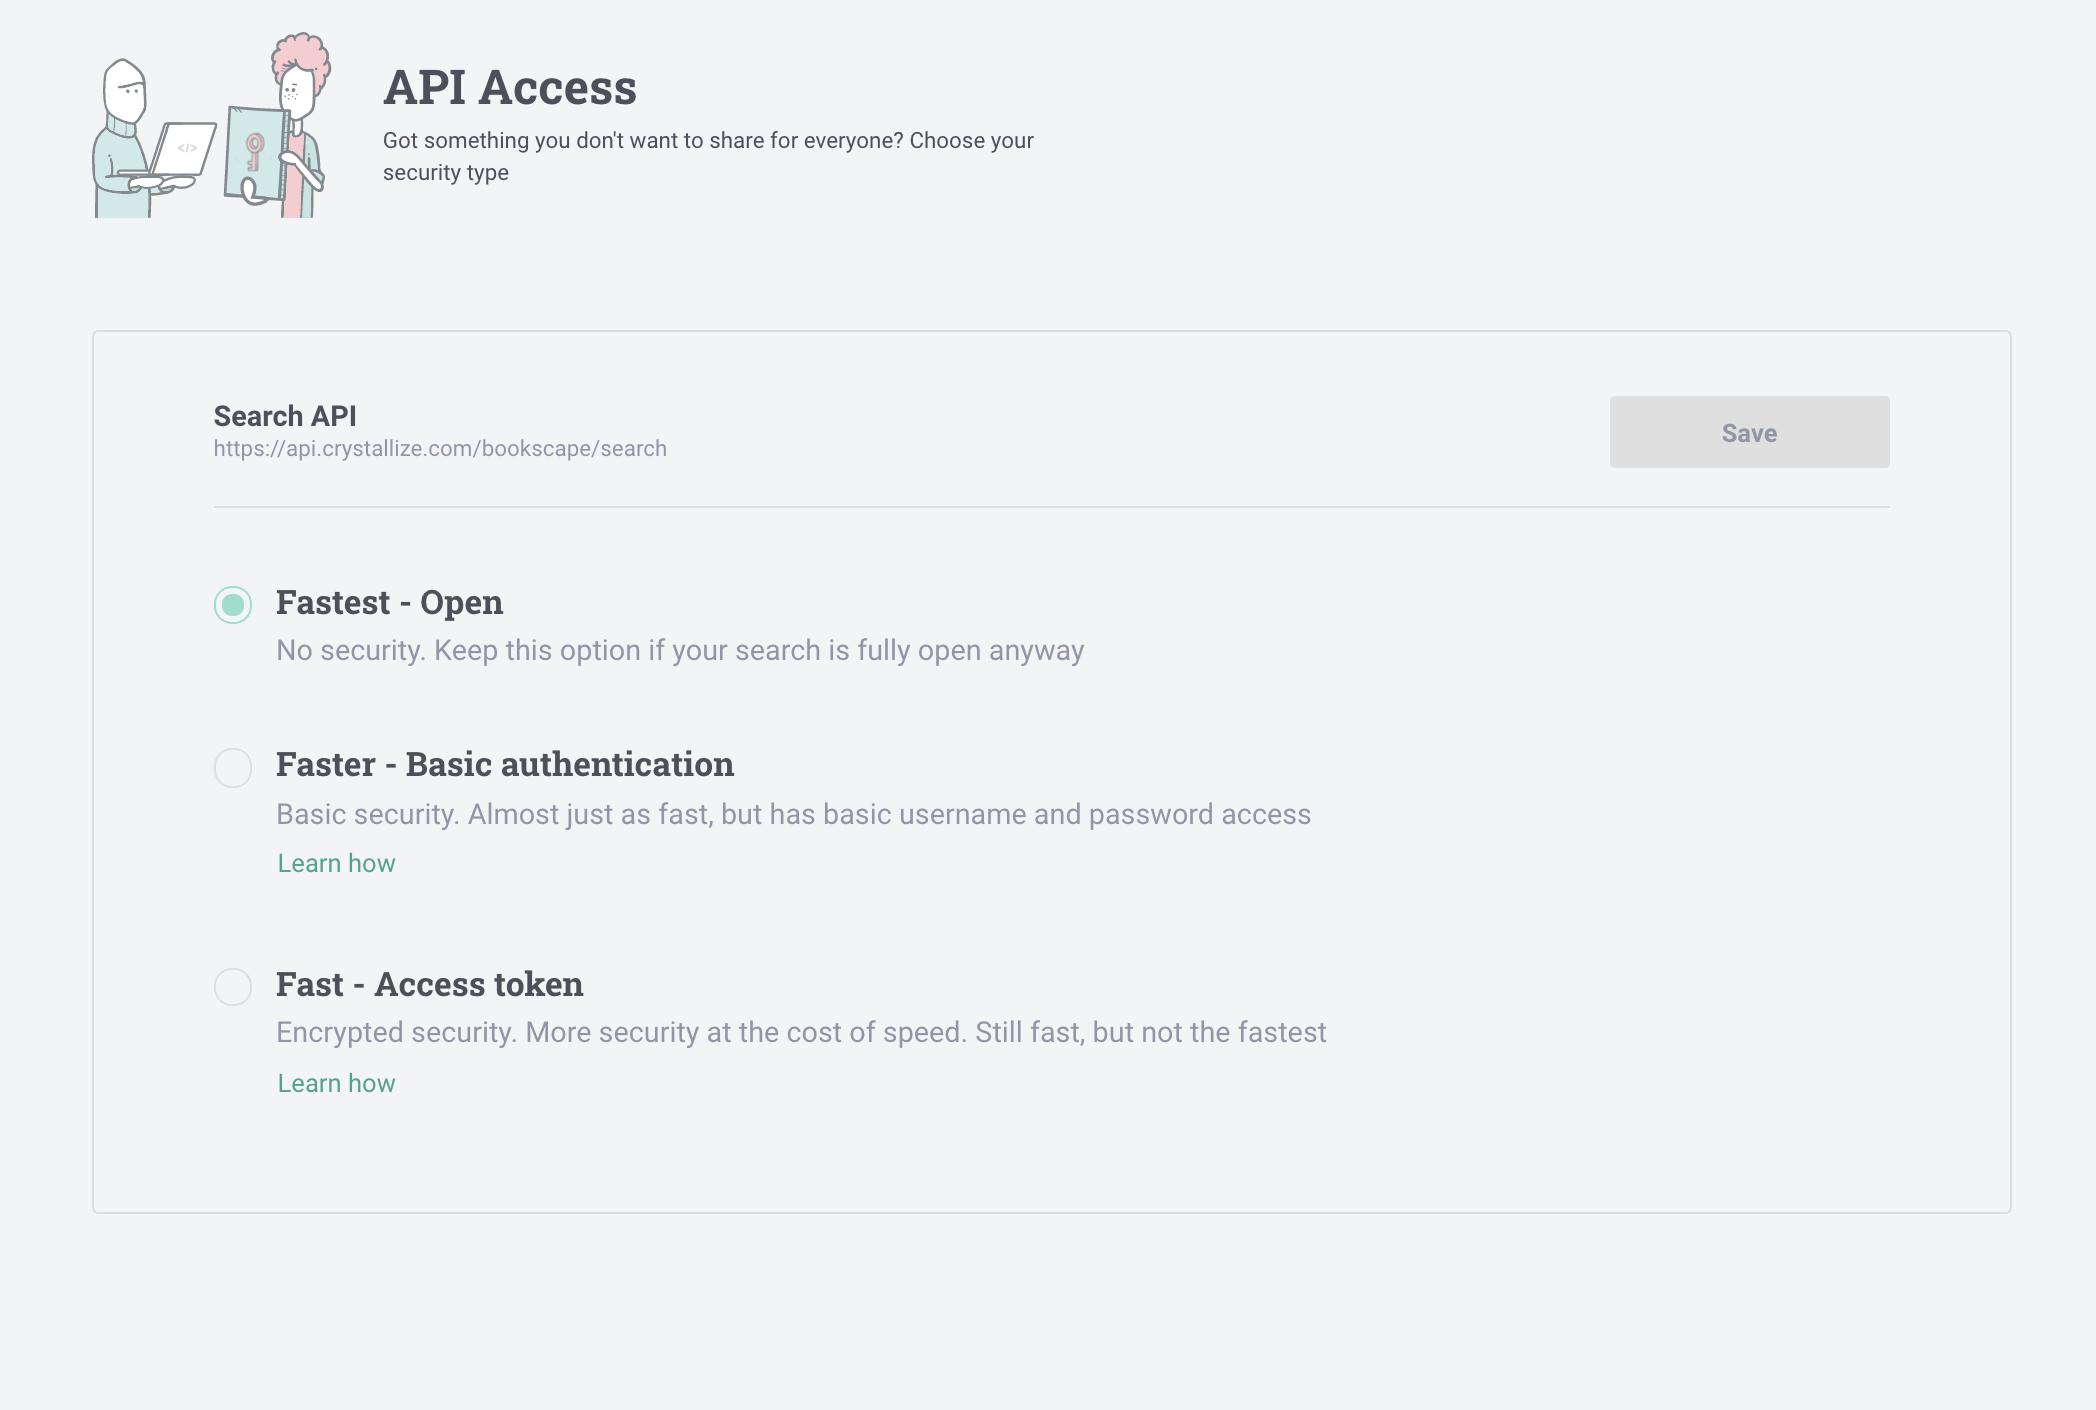 Search API Access Settings